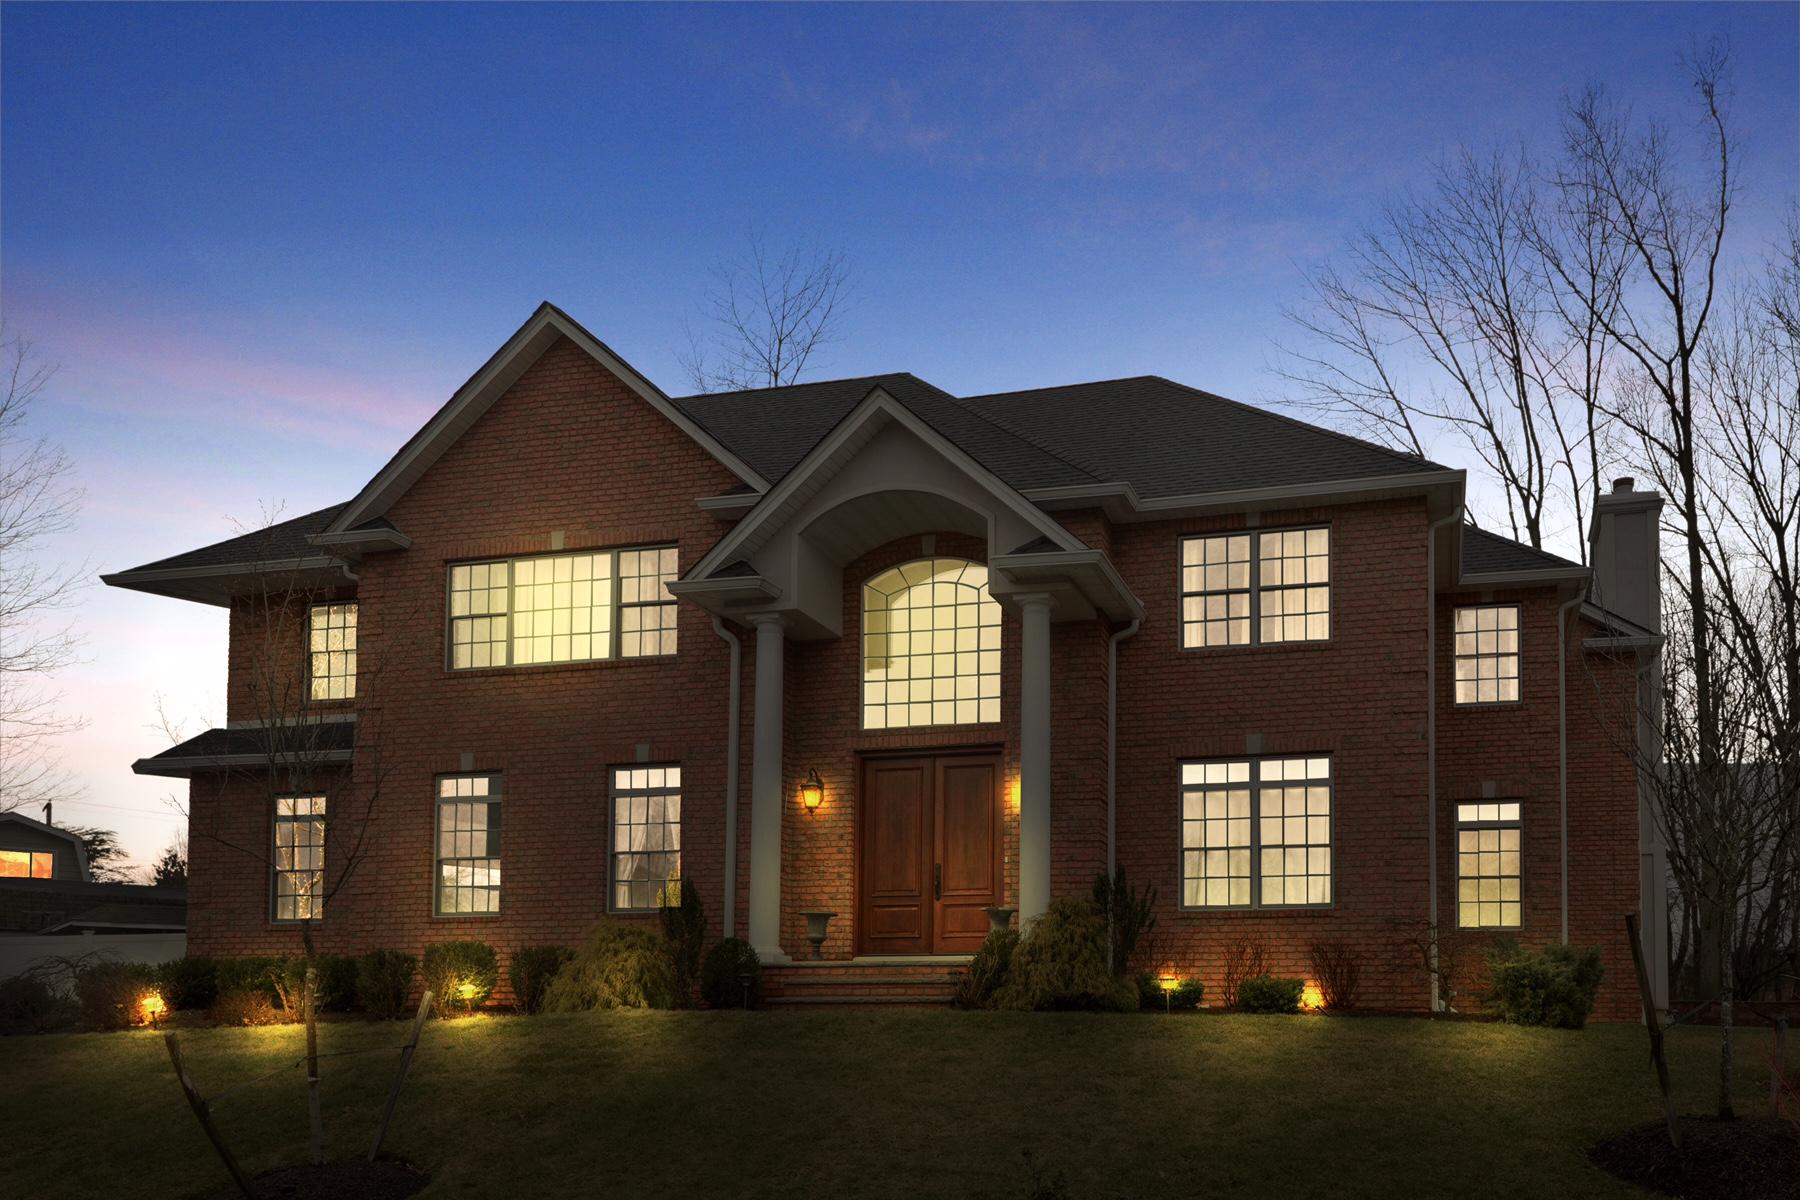 Частный односемейный дом для того Продажа на Custom Colonial located on a private Cul-De-Sac. 7 Adela Court Whippany, 07981 Соединенные Штаты